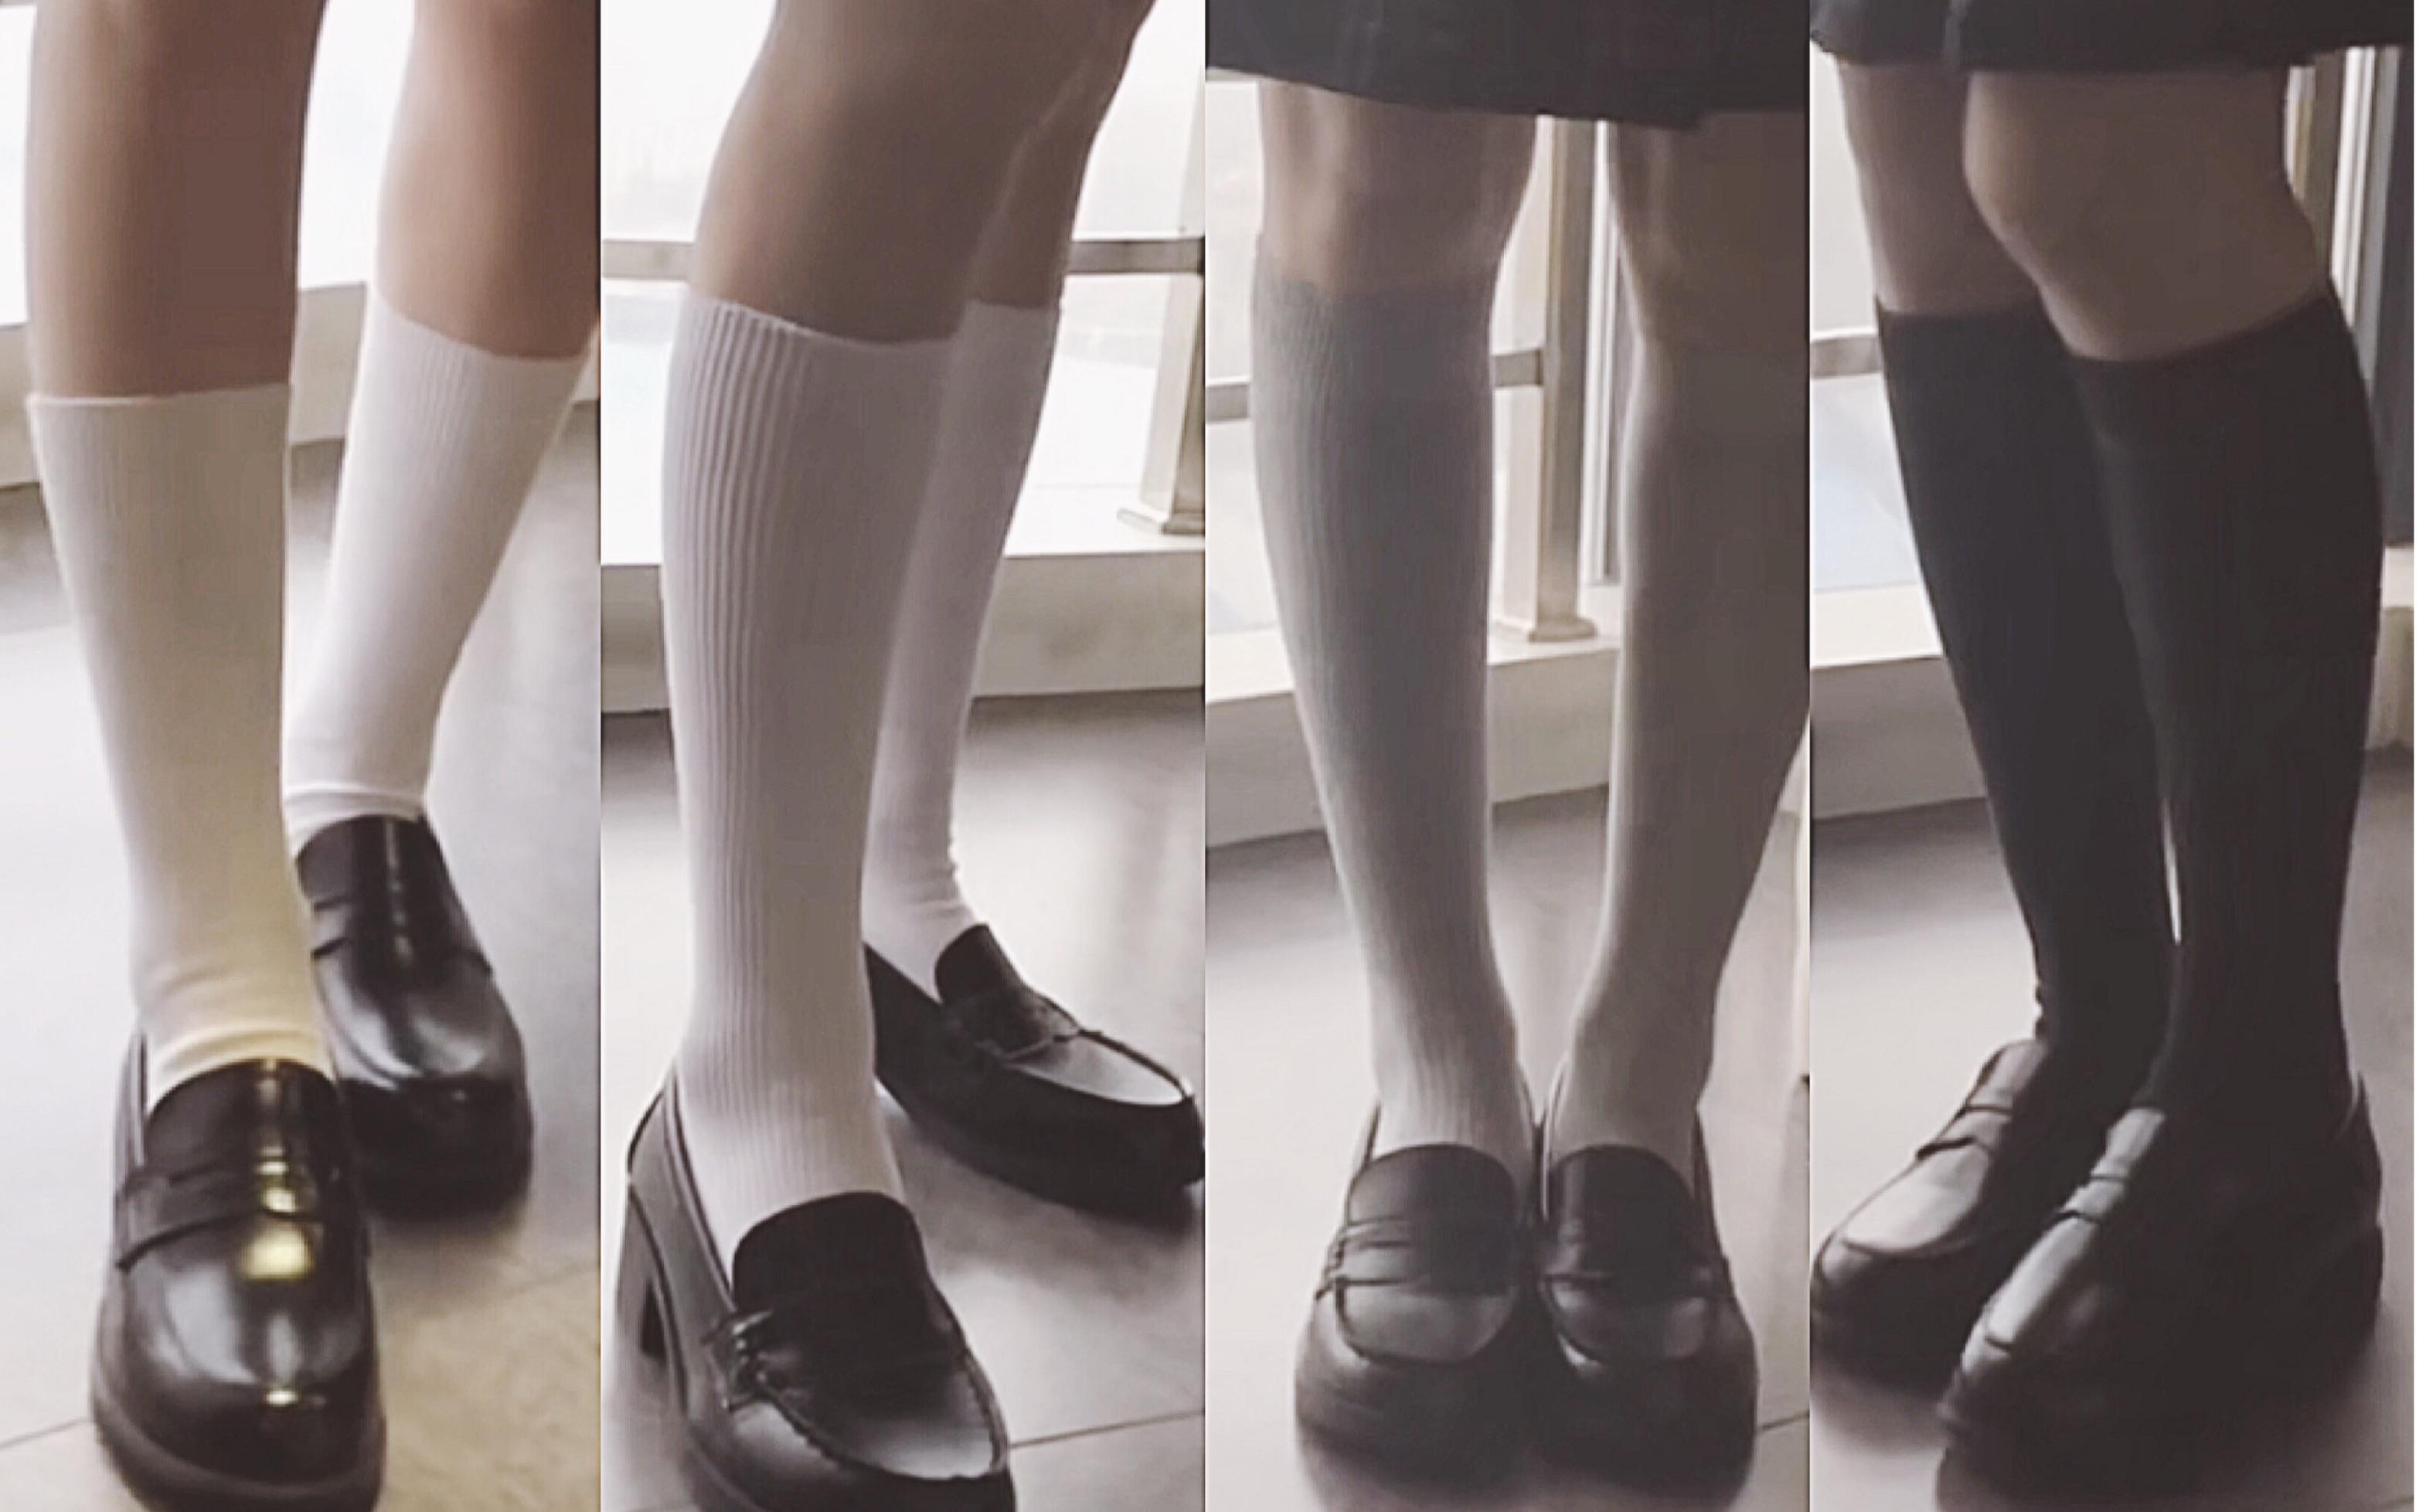 瘦小腿_【穿搭】jk制服鞋x7双不同长度袜子测评总有一款适合你_哔哩哔哩 ...